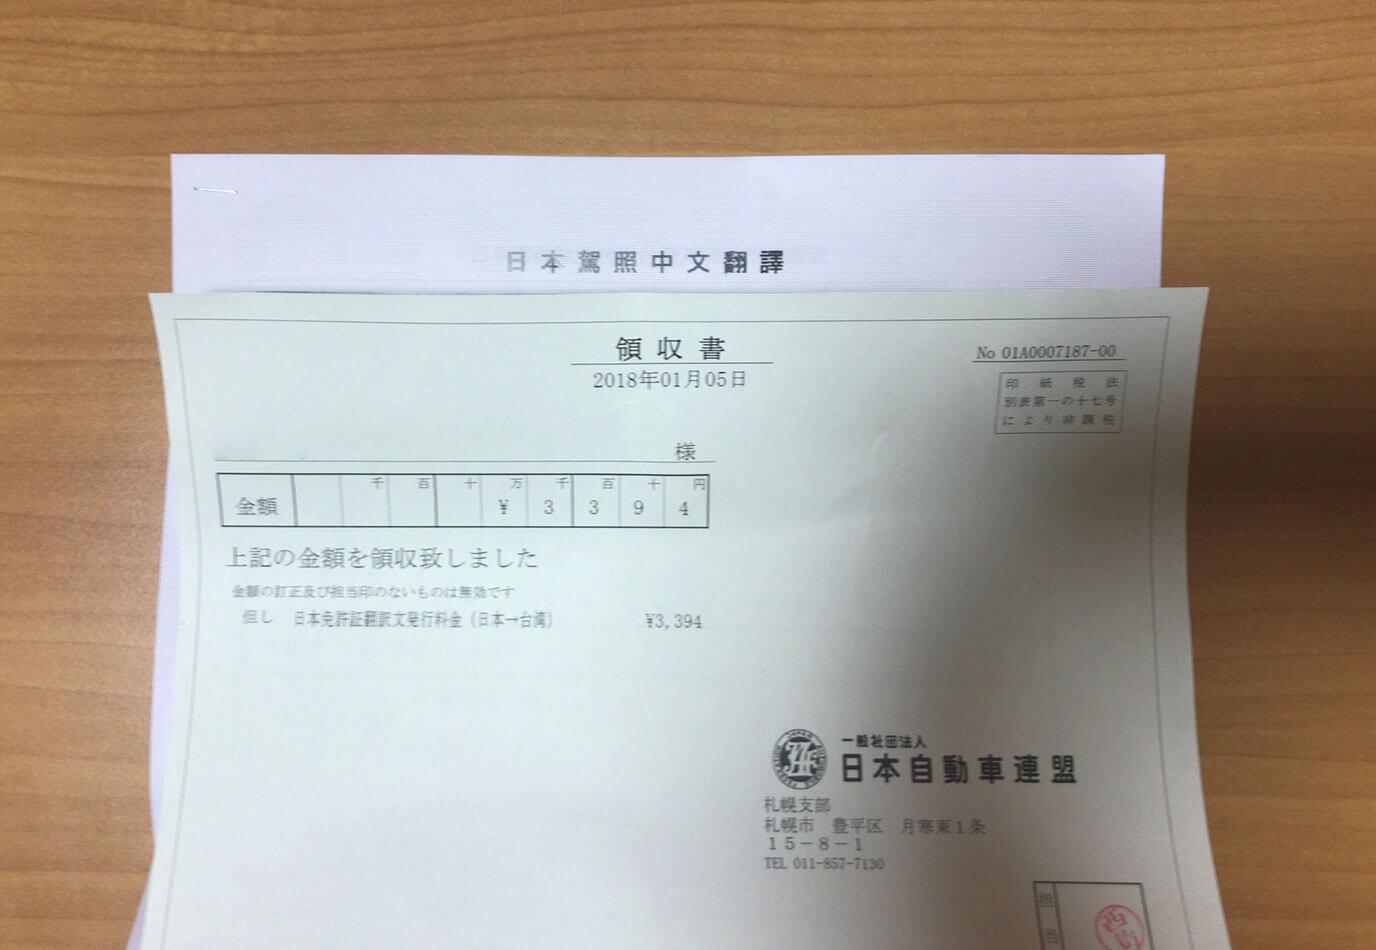 中国語翻訳文が発行されるまでの期間